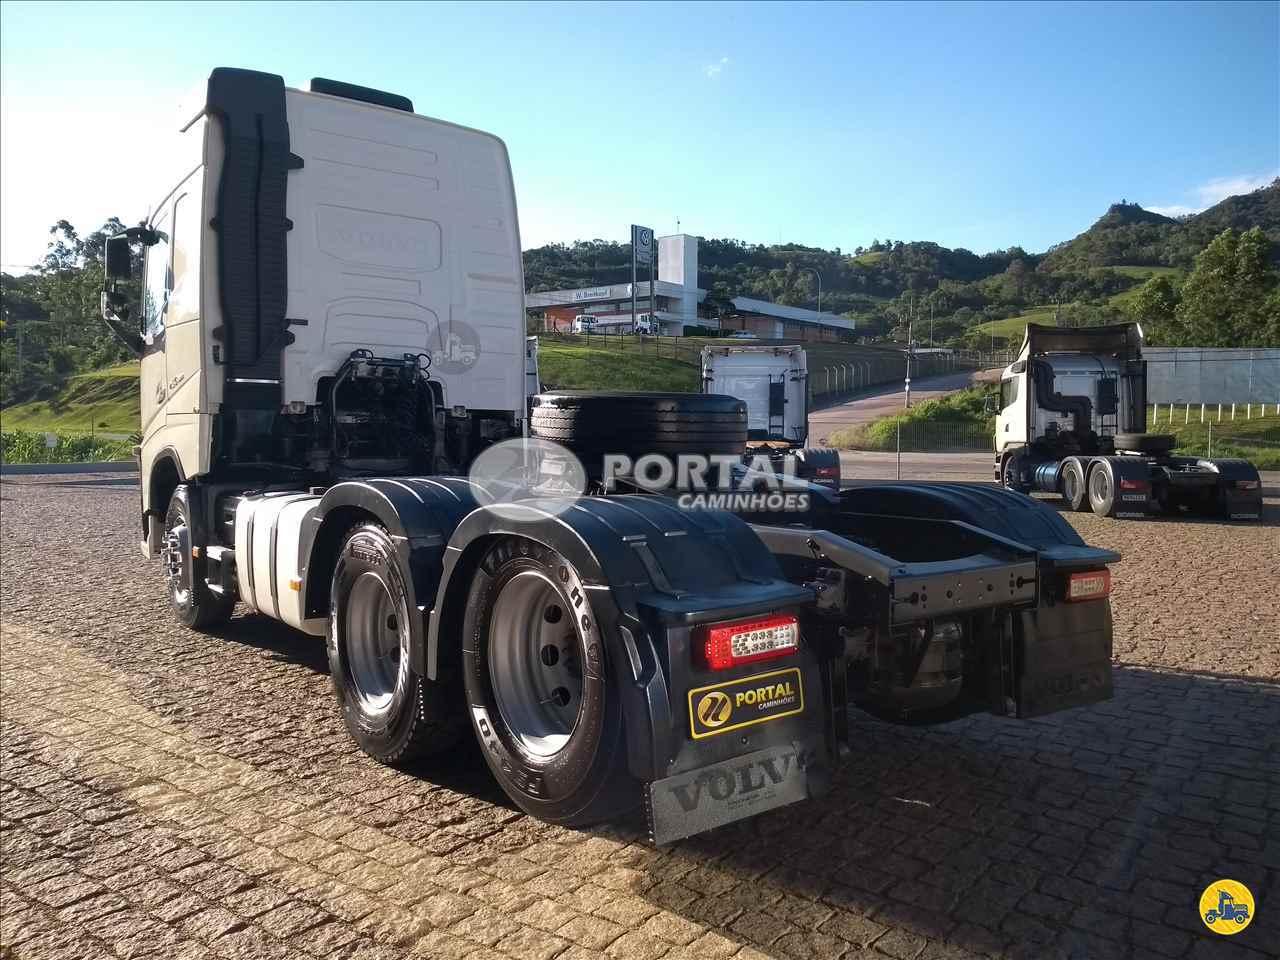 VOLVO VOLVO FH 460 748000km 2015/2016 Portal Caminhões